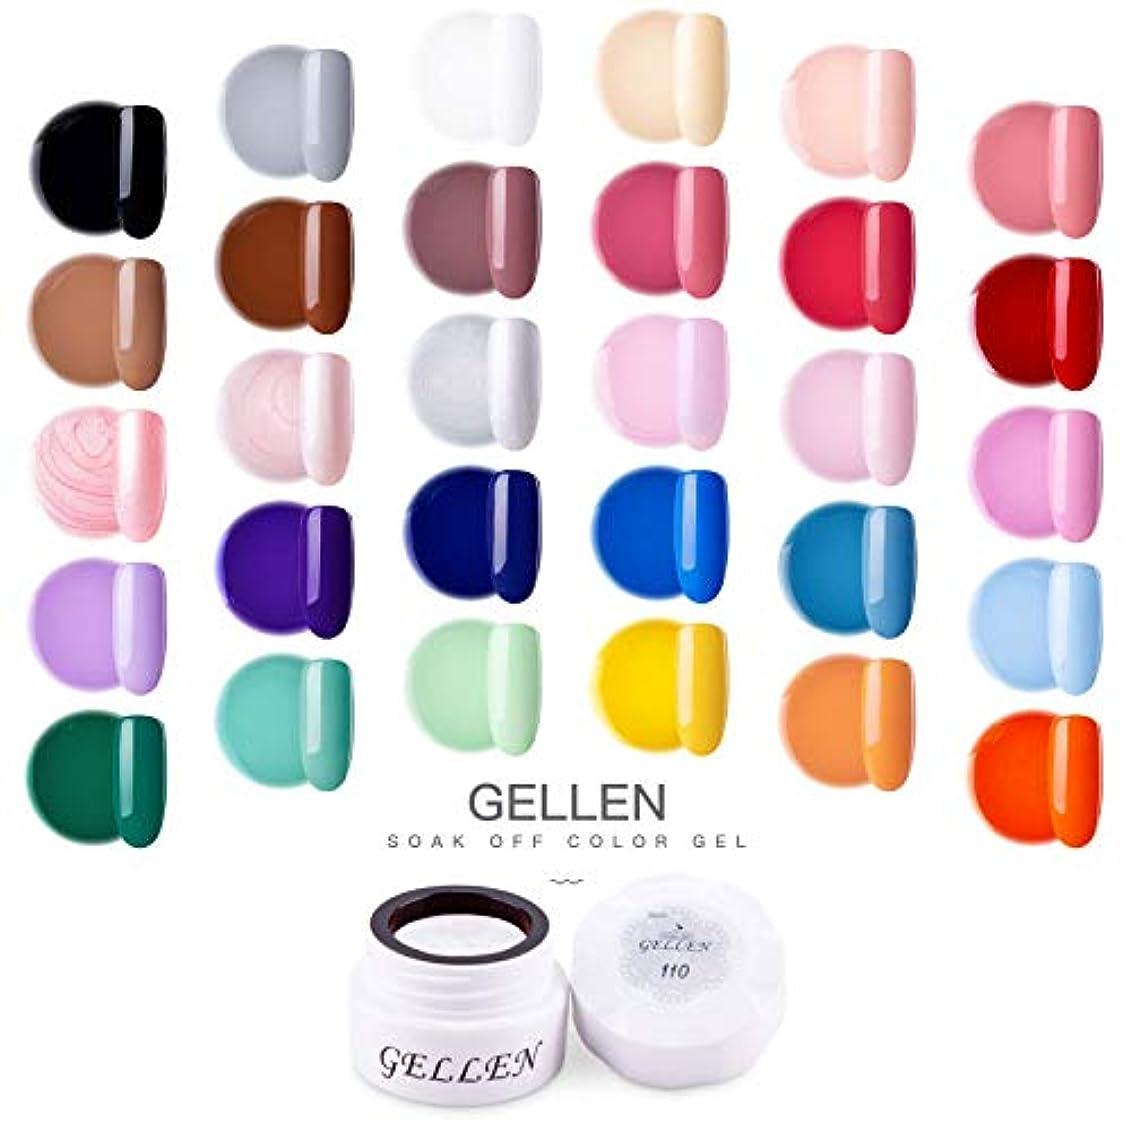 シンカン矩形メダリストGellen カラージェル 30色定番カラー セット 高品質 5g ジェルネイル カラー ネイルブラシ付き